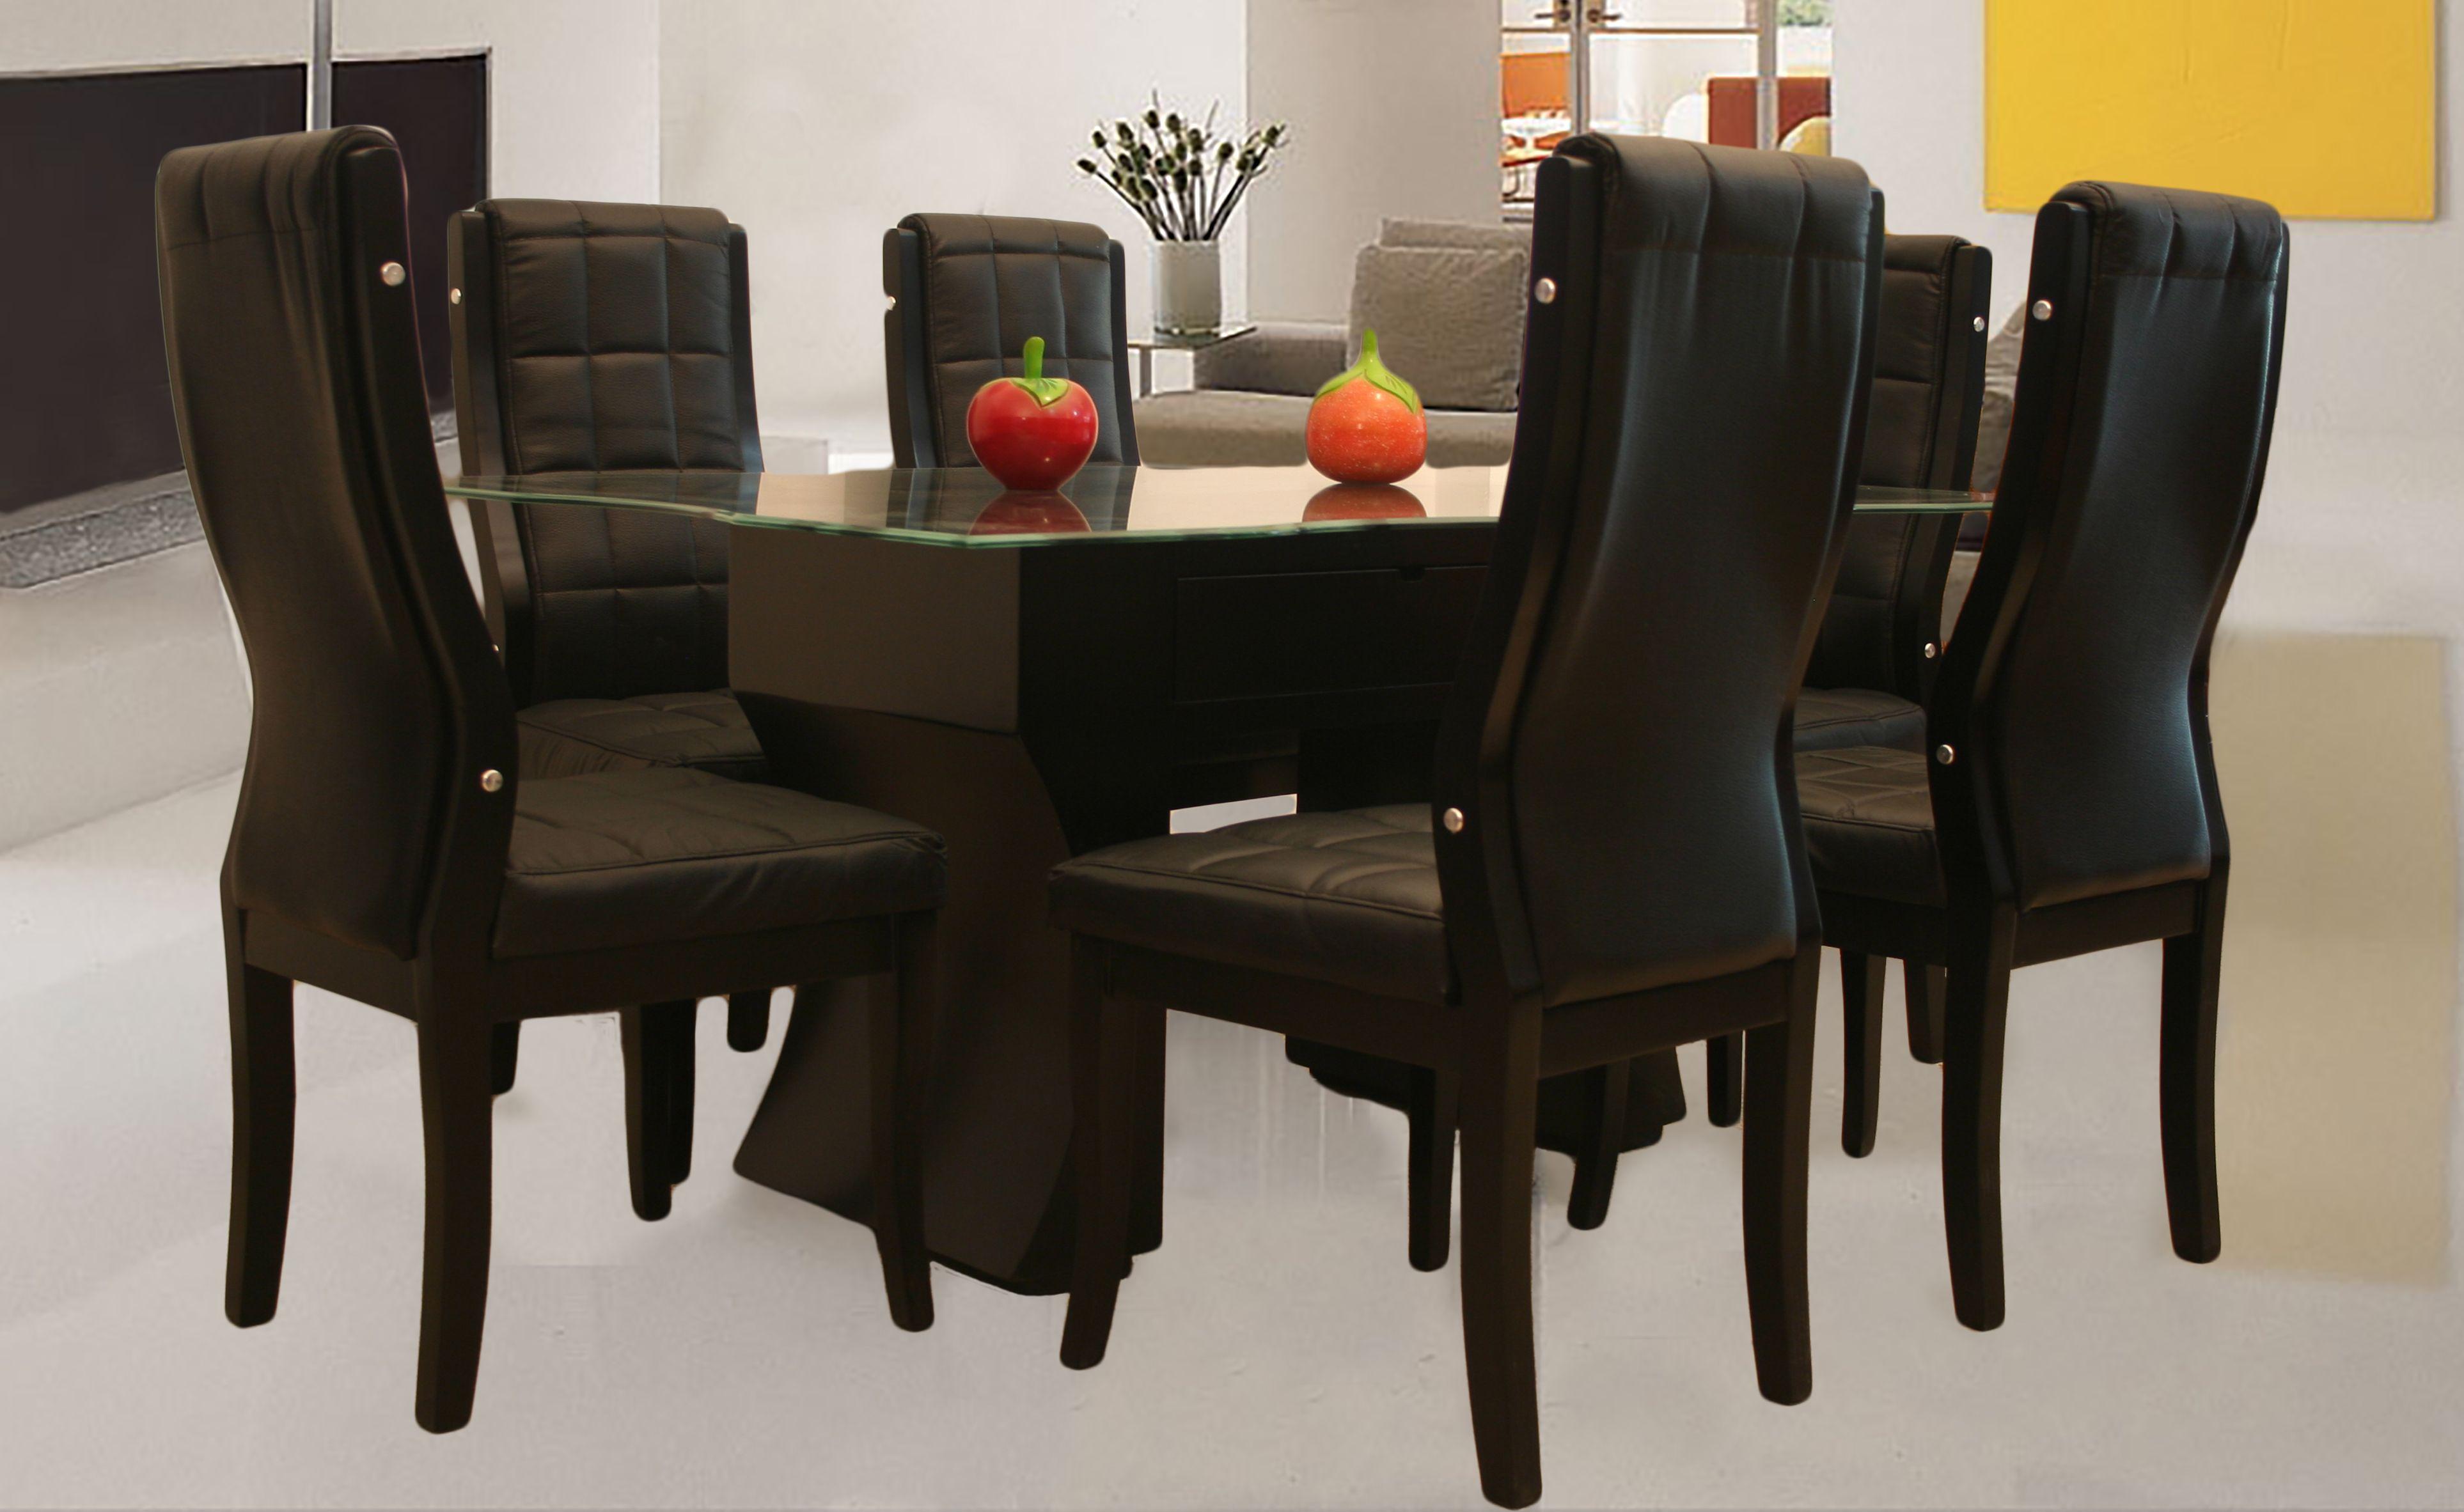 Comedores comedor lucas de 6 sillas muebles pinterest for Comedores 6 sillas